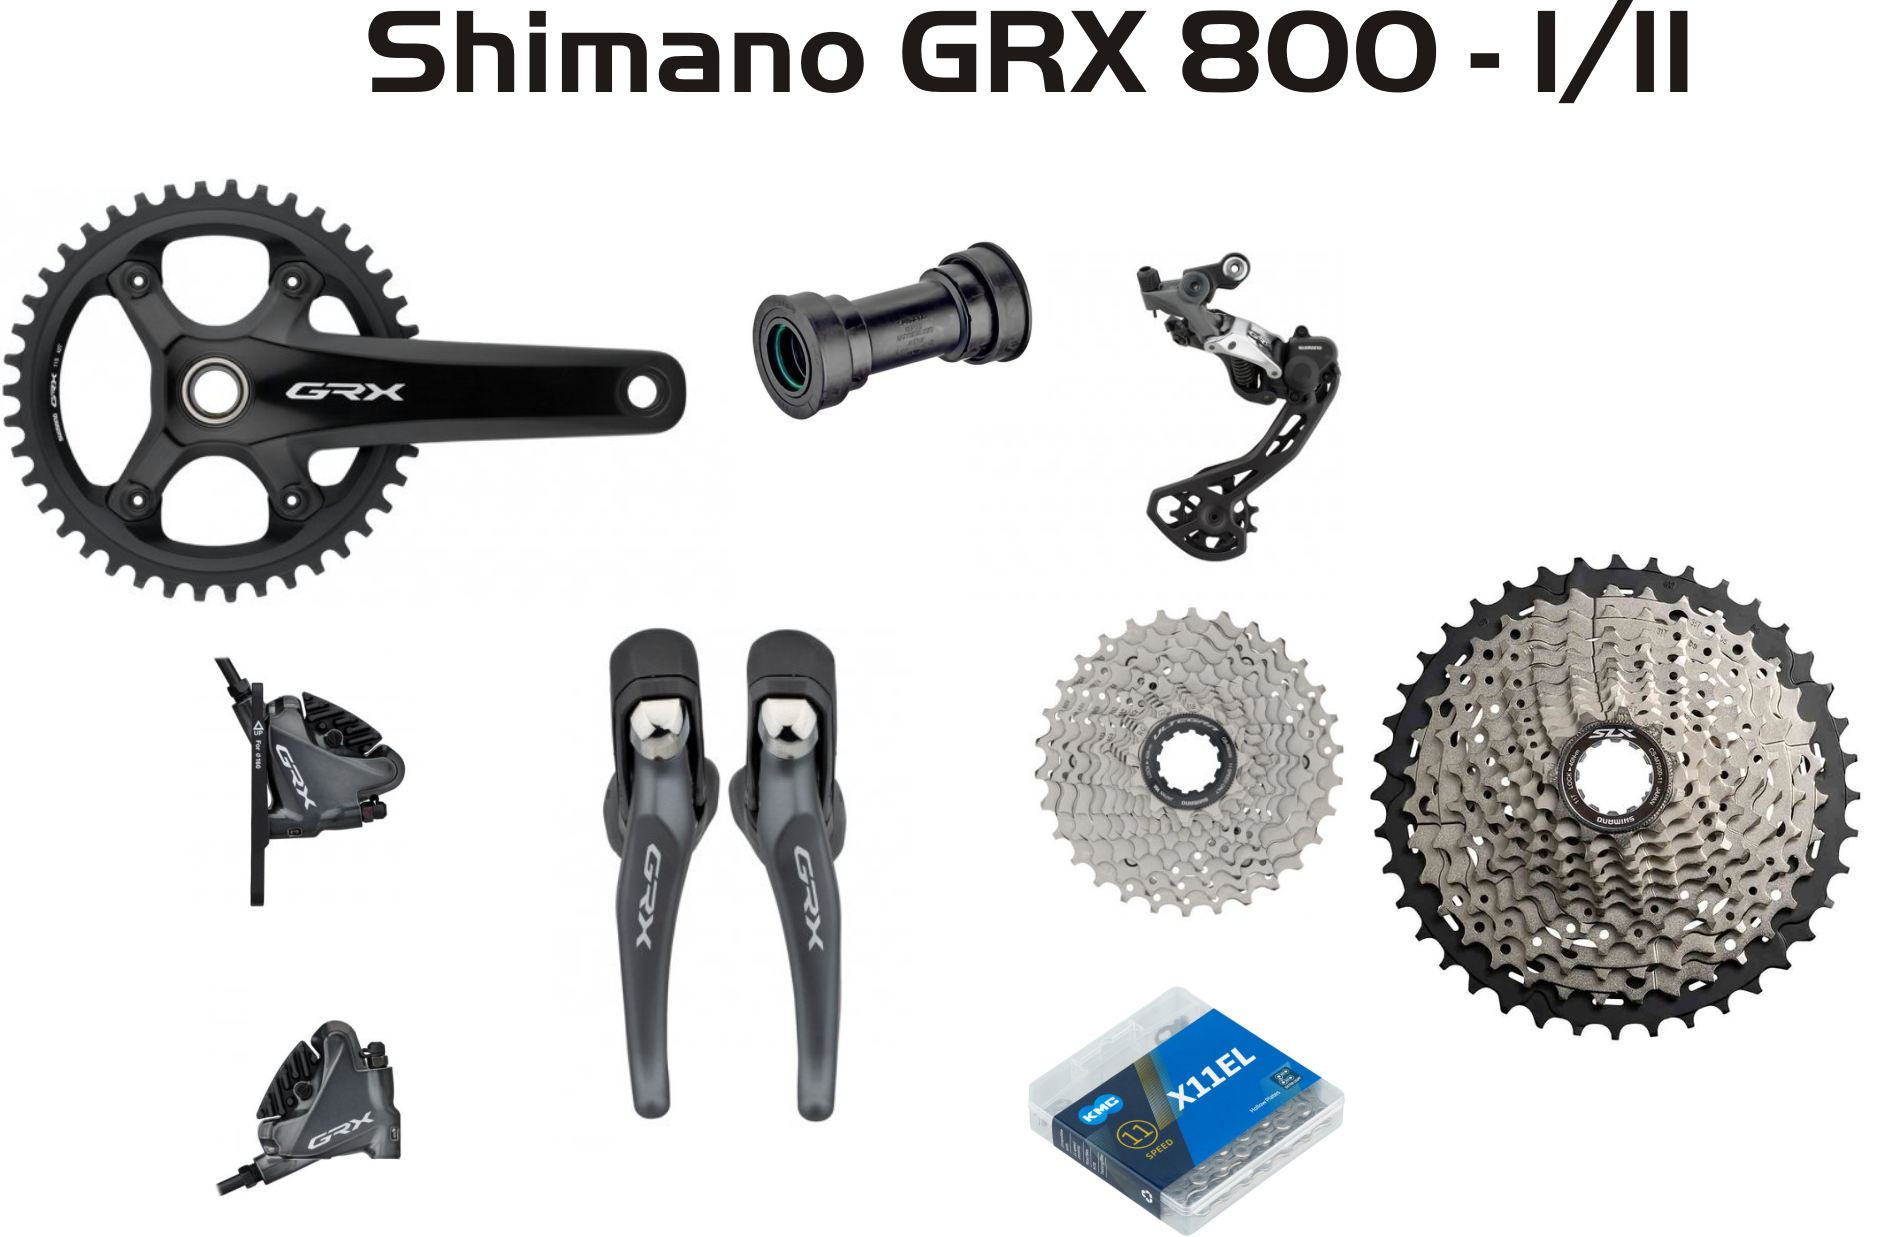 Group Shimano GRX 800  1/11